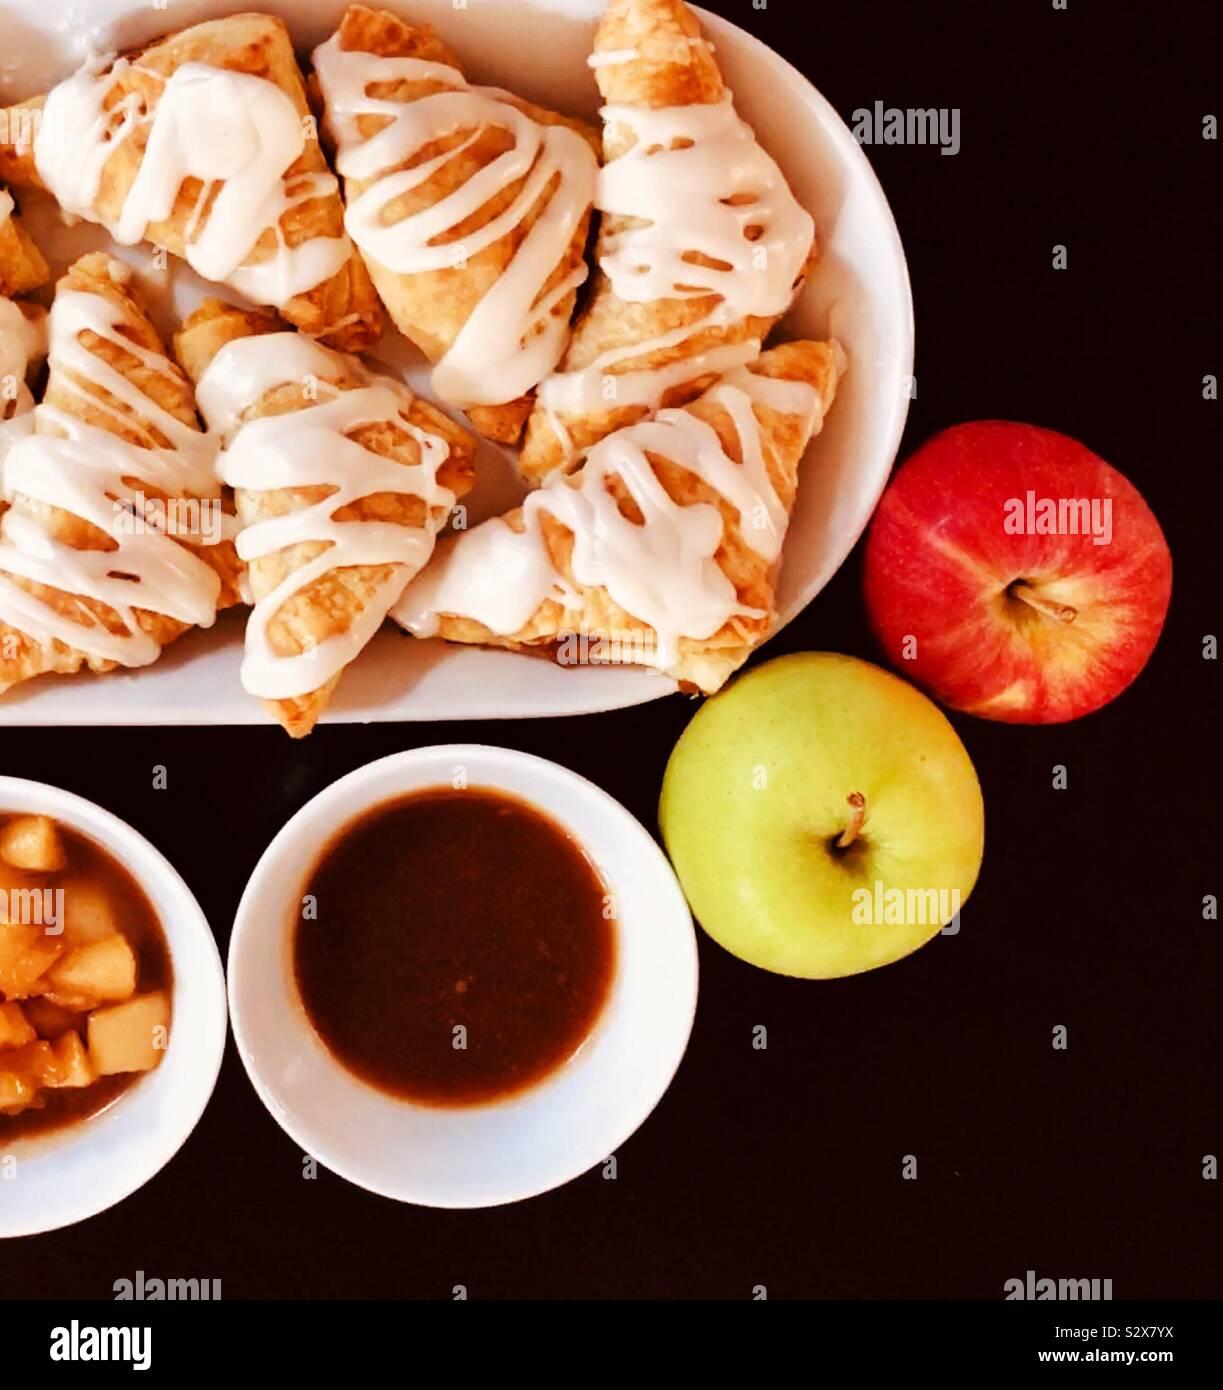 Herbst backen apple Umsätze Stockfoto